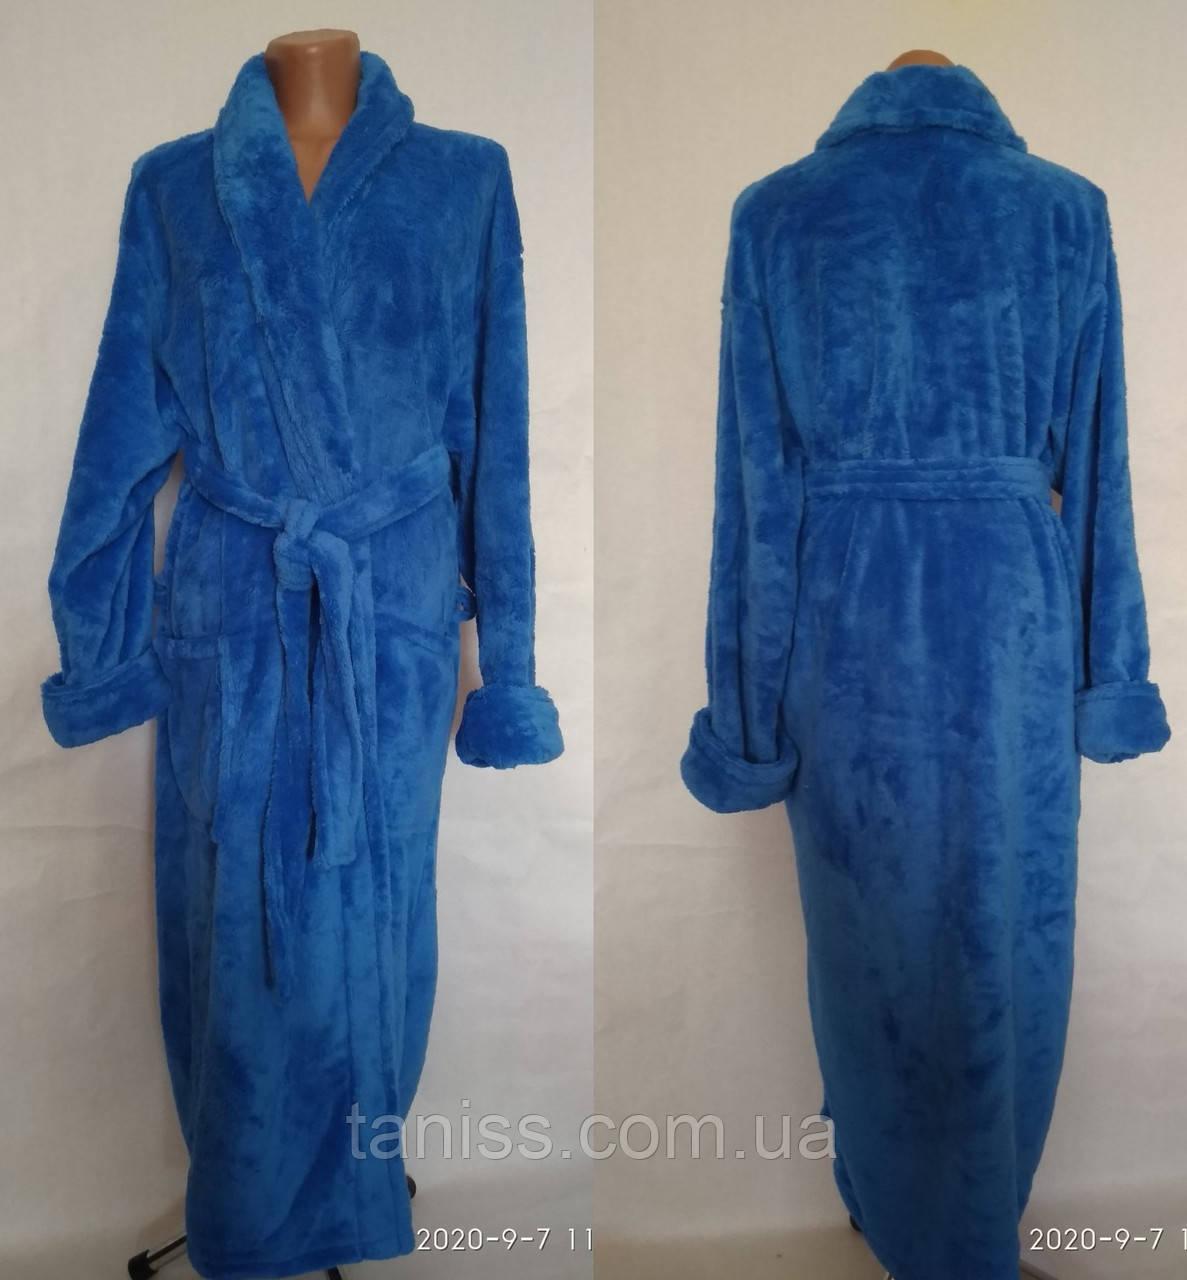 Жіночий довгий махровий халат, великого розміру, без капюшона , р-р 50-52 синій